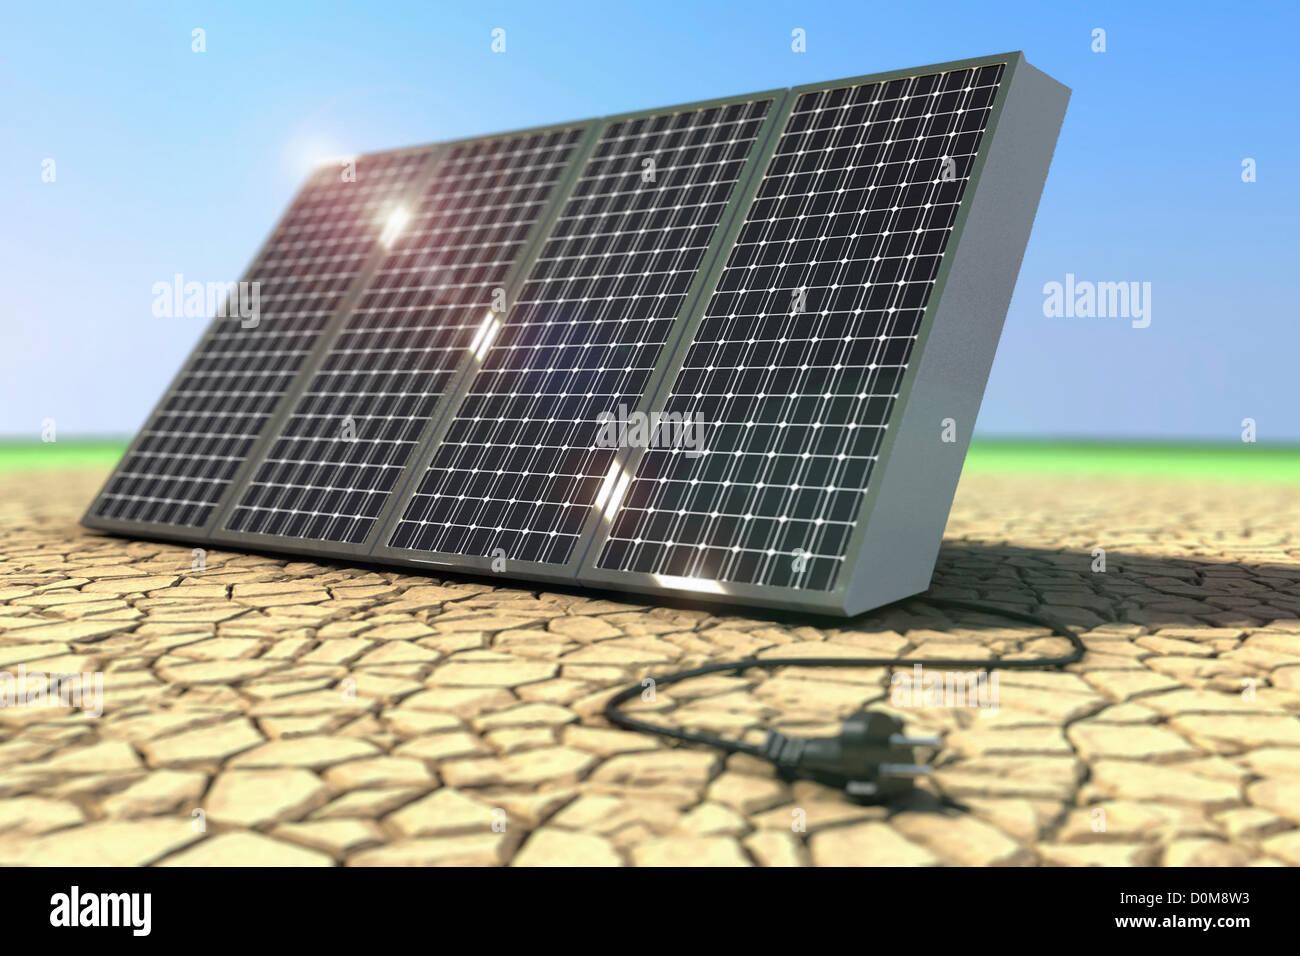 Visualization of solar panels. - Stock Image